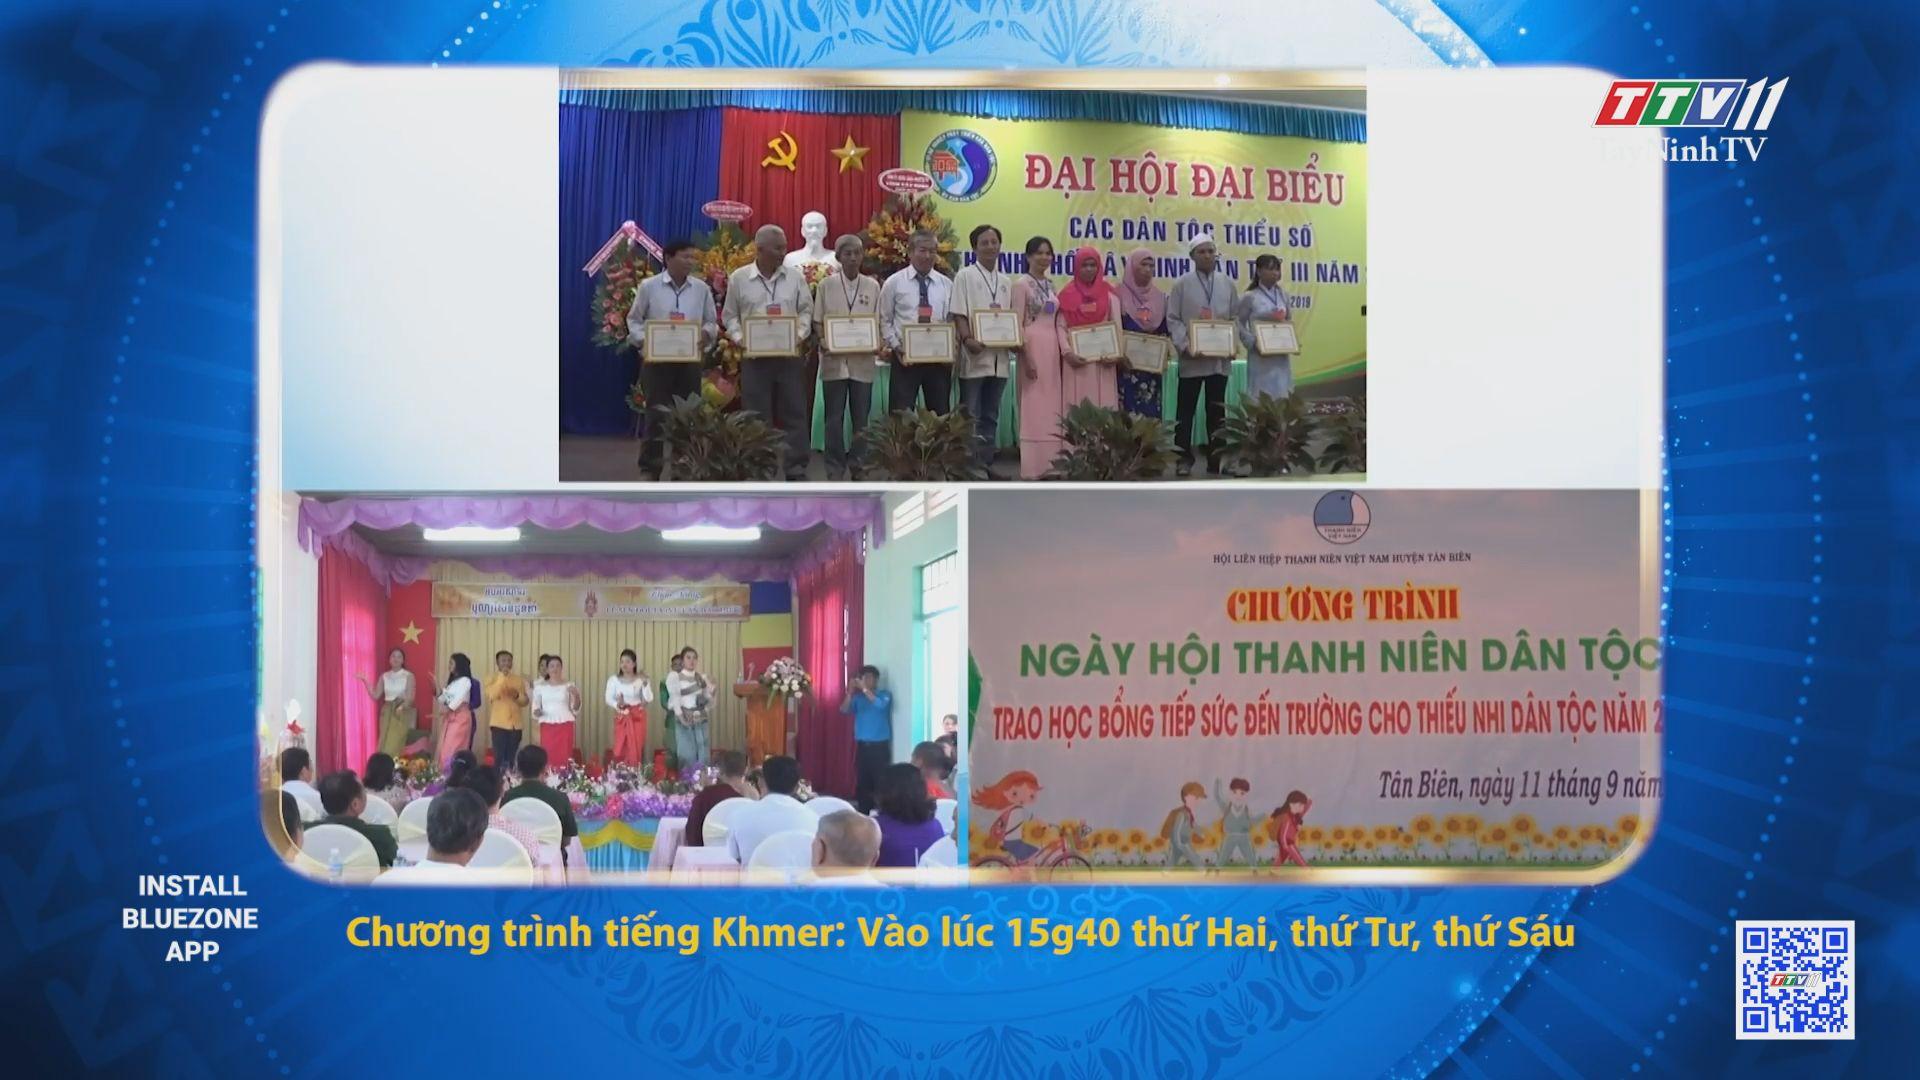 Tăng thời lượng phát sóng chương trình tiếng Khmer từ 01/10/2020 | TayNinhTV